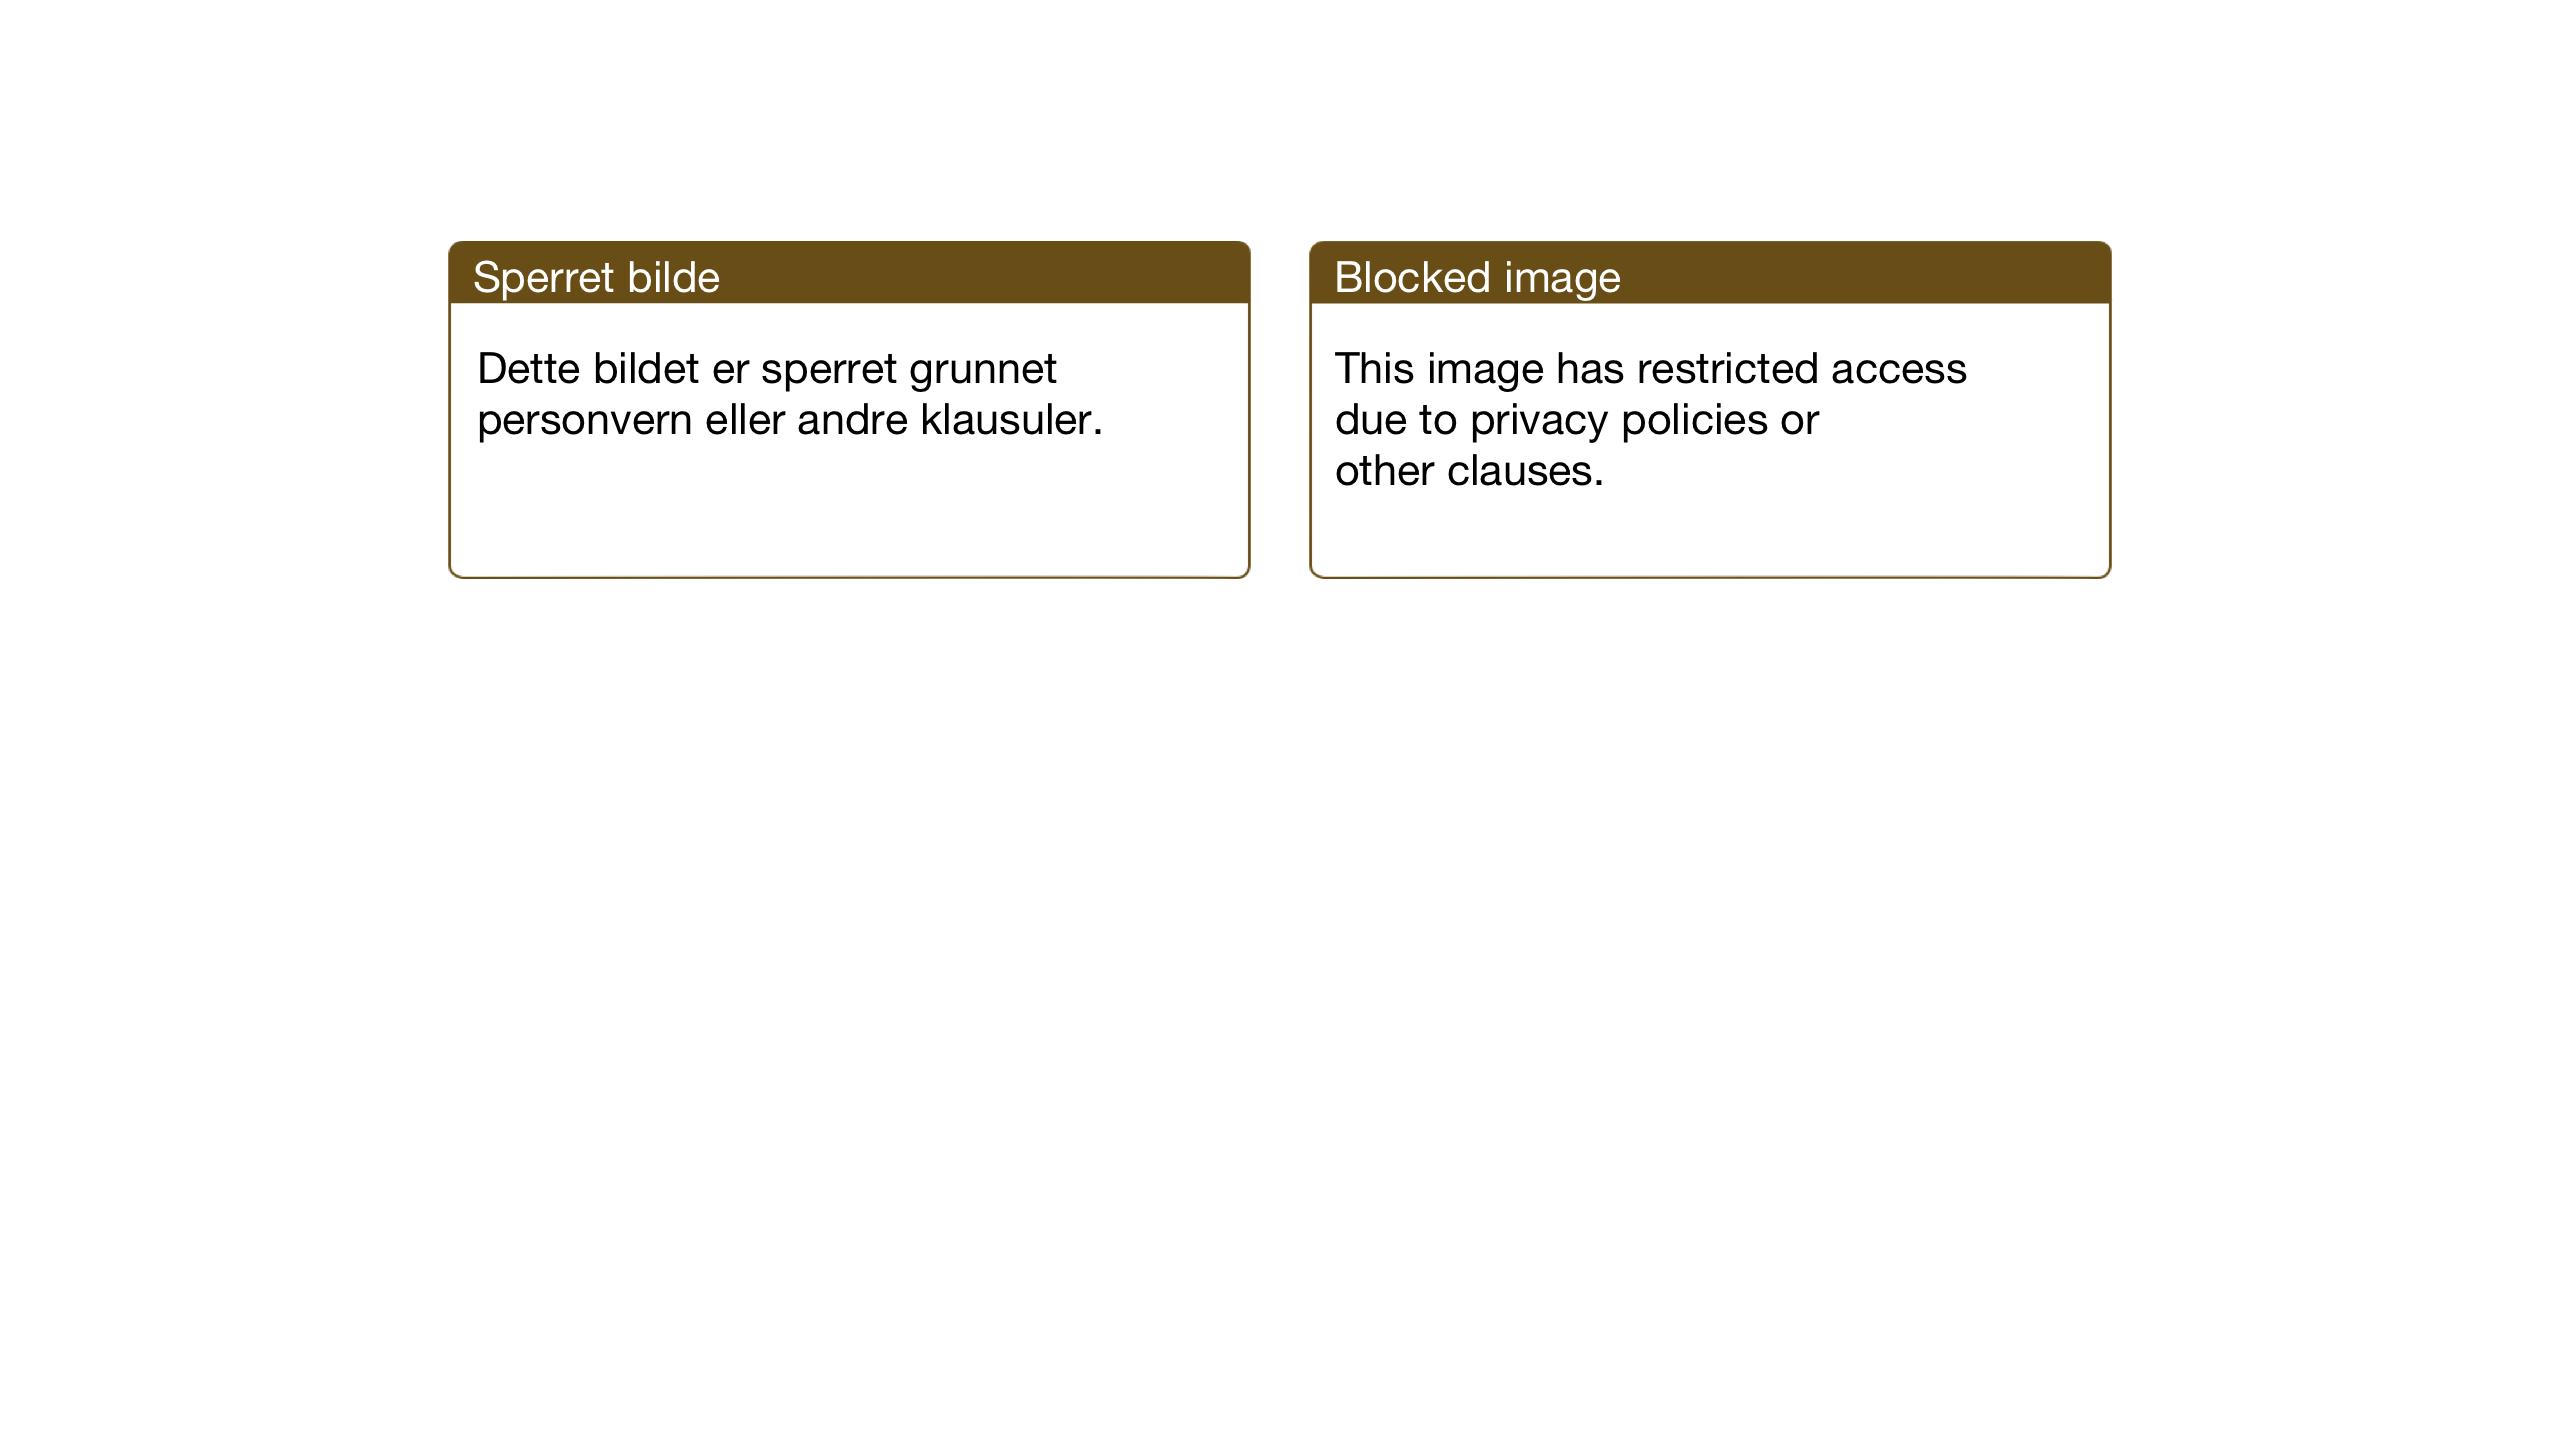 SAT, Ministerialprotokoller, klokkerbøker og fødselsregistre - Sør-Trøndelag, 638/L0569: Klokkerbok nr. 638C01, 1923-1961, s. 214